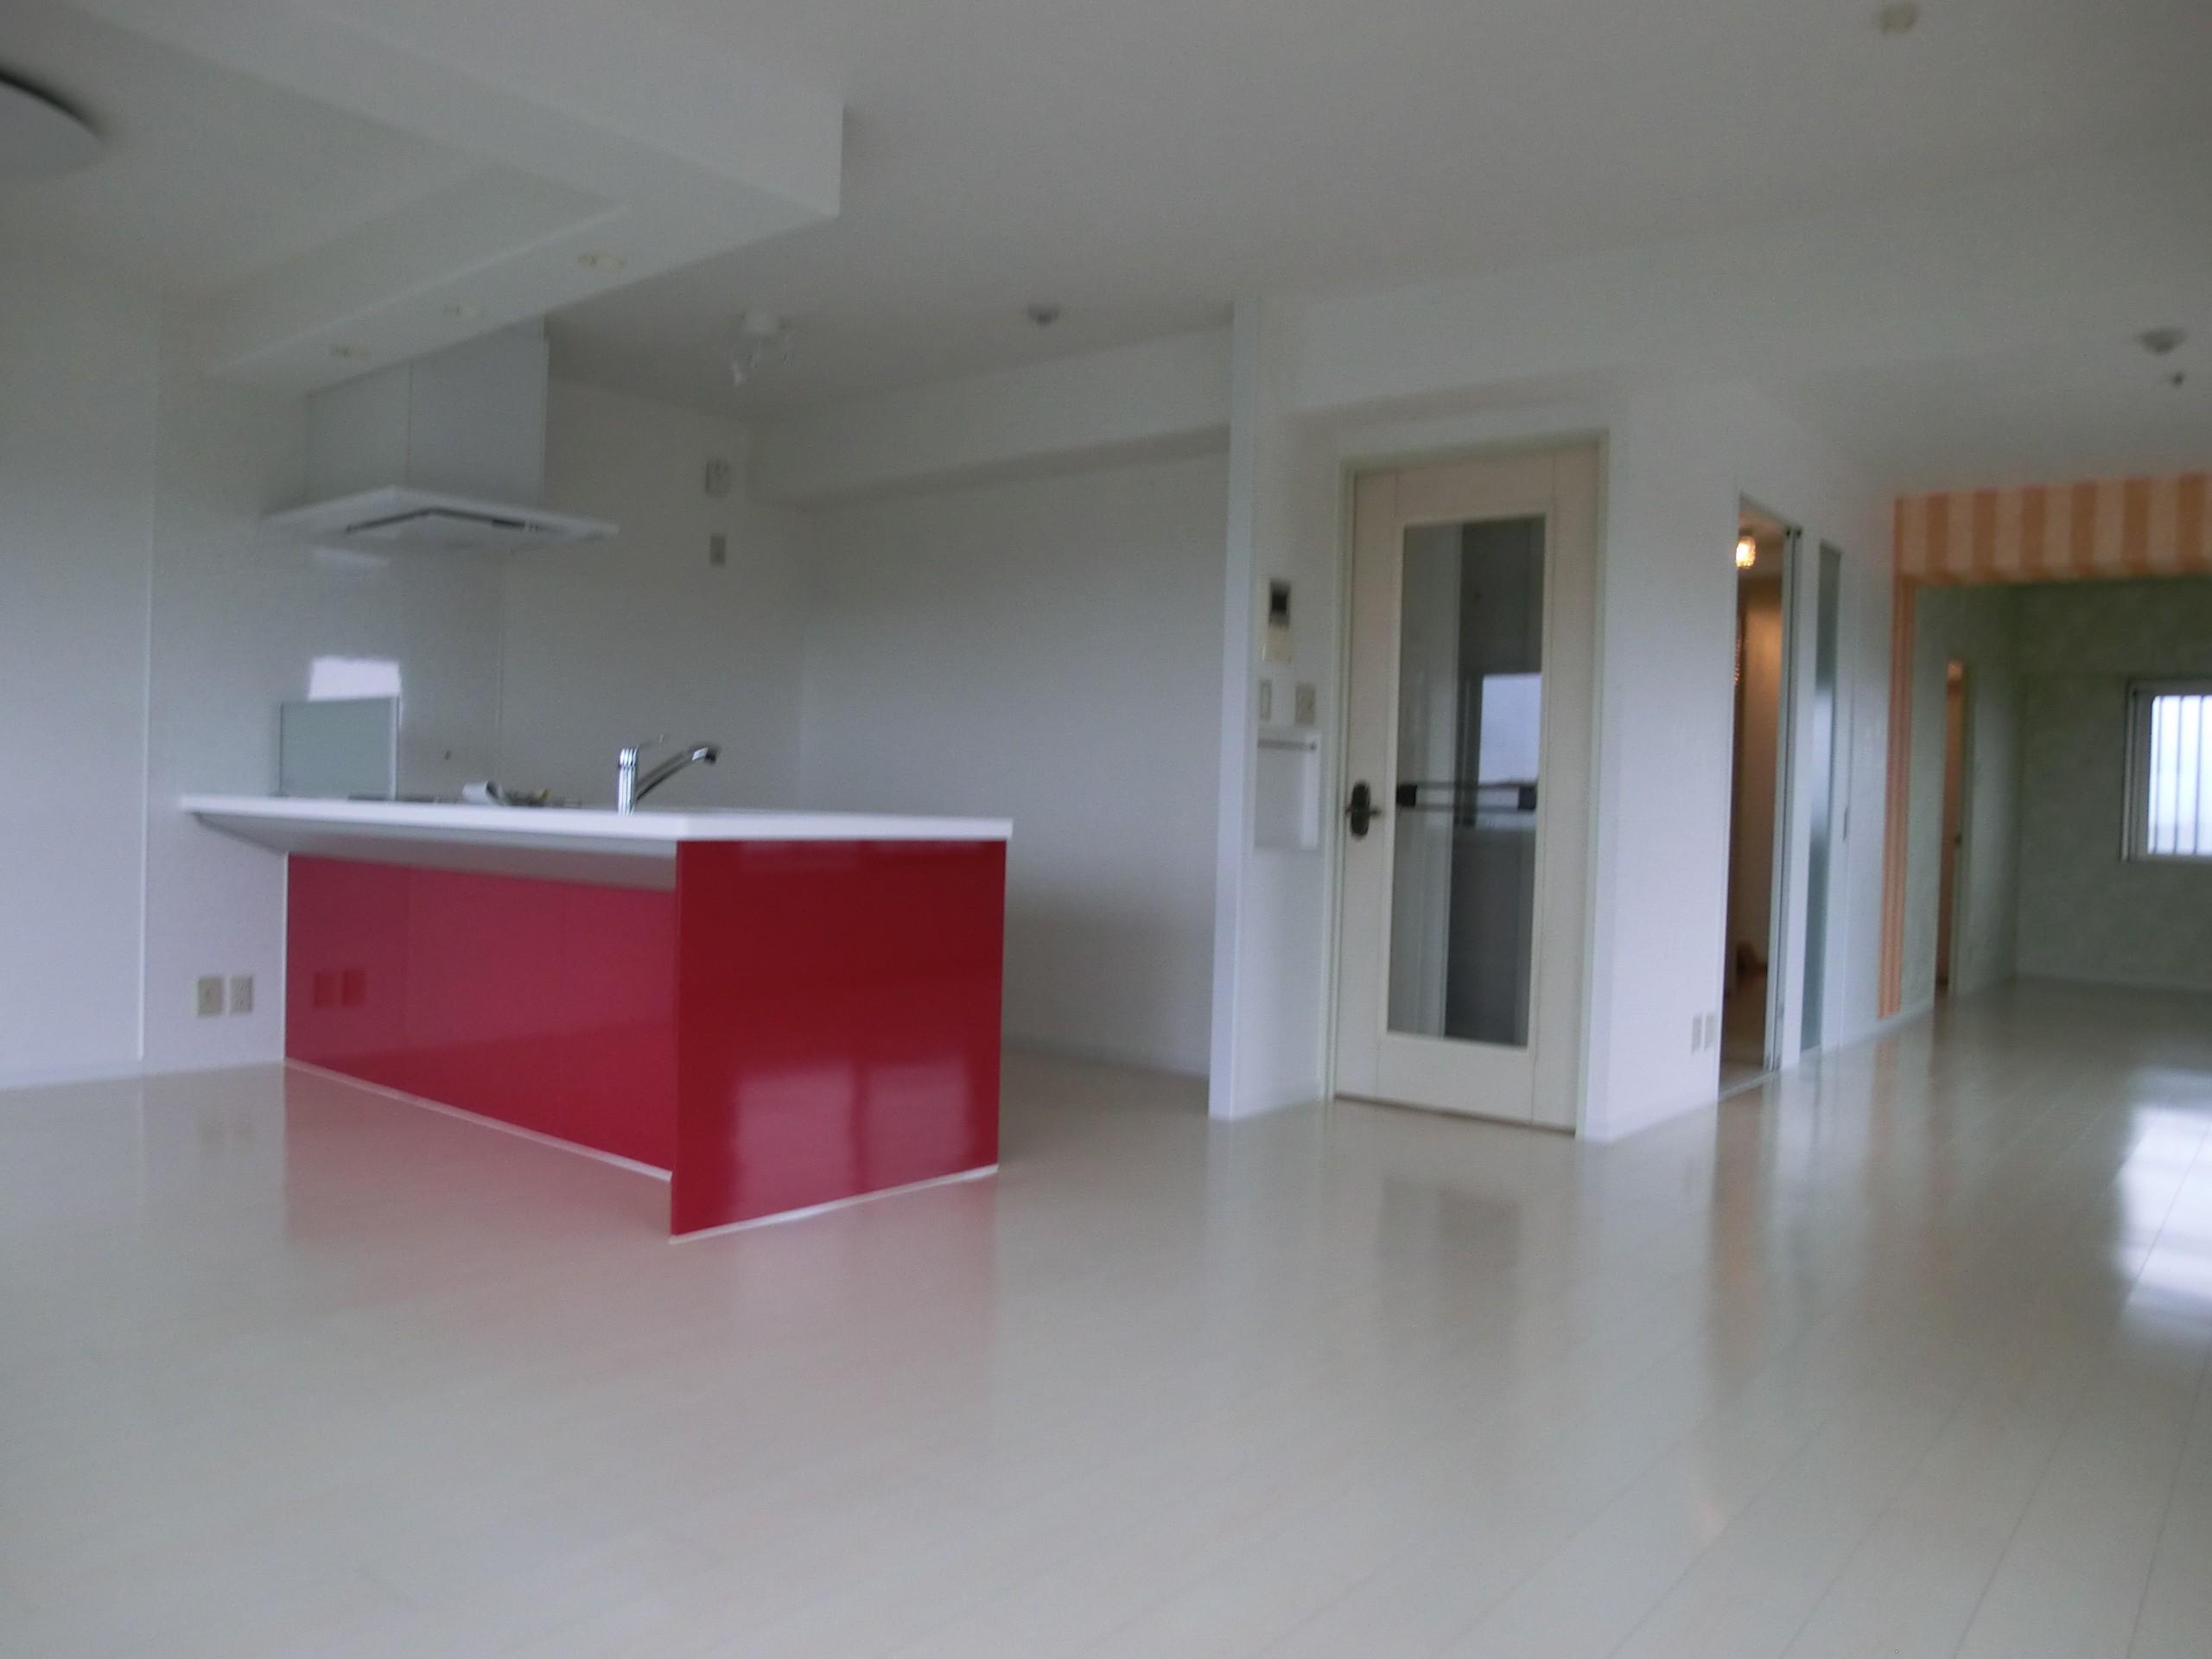 リビングダイニング事例:床材と内装の白にキッチンが映える(ビビットなカラーのキッチンが中心のマンションリフォーム)